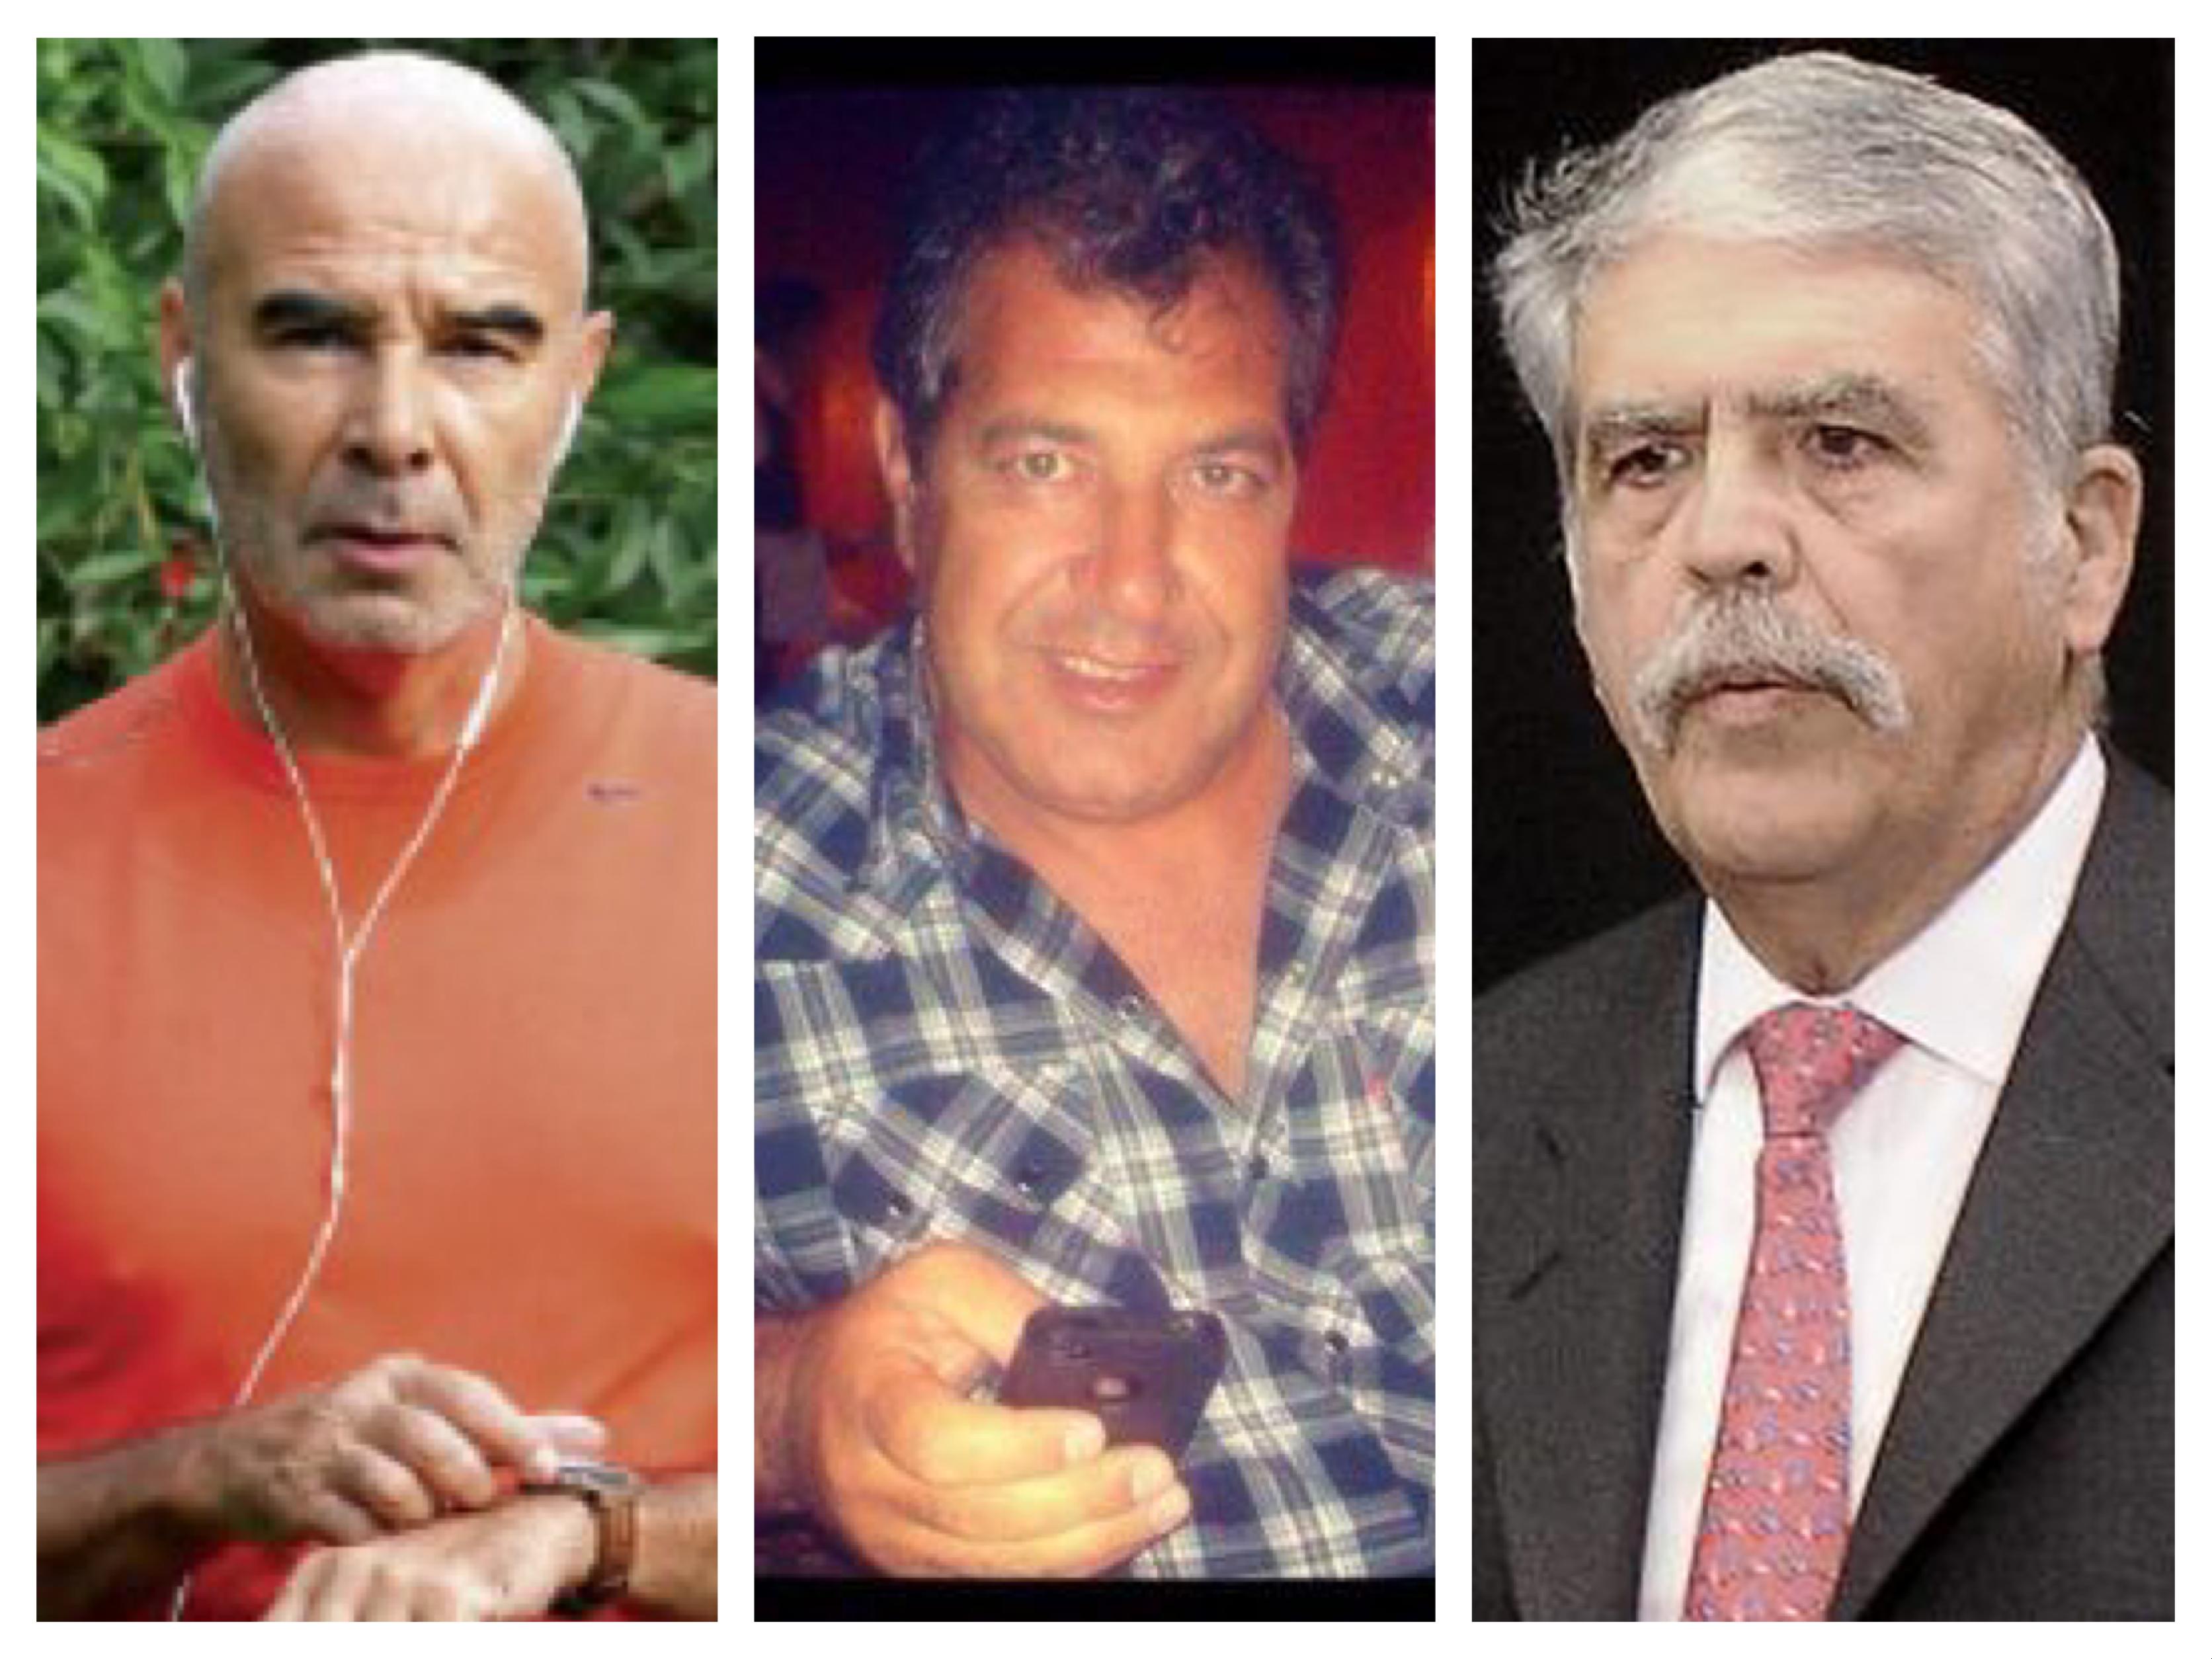 Gómez Centurión-De Vido, curioso nexo detrás del escándalo en la Aduana